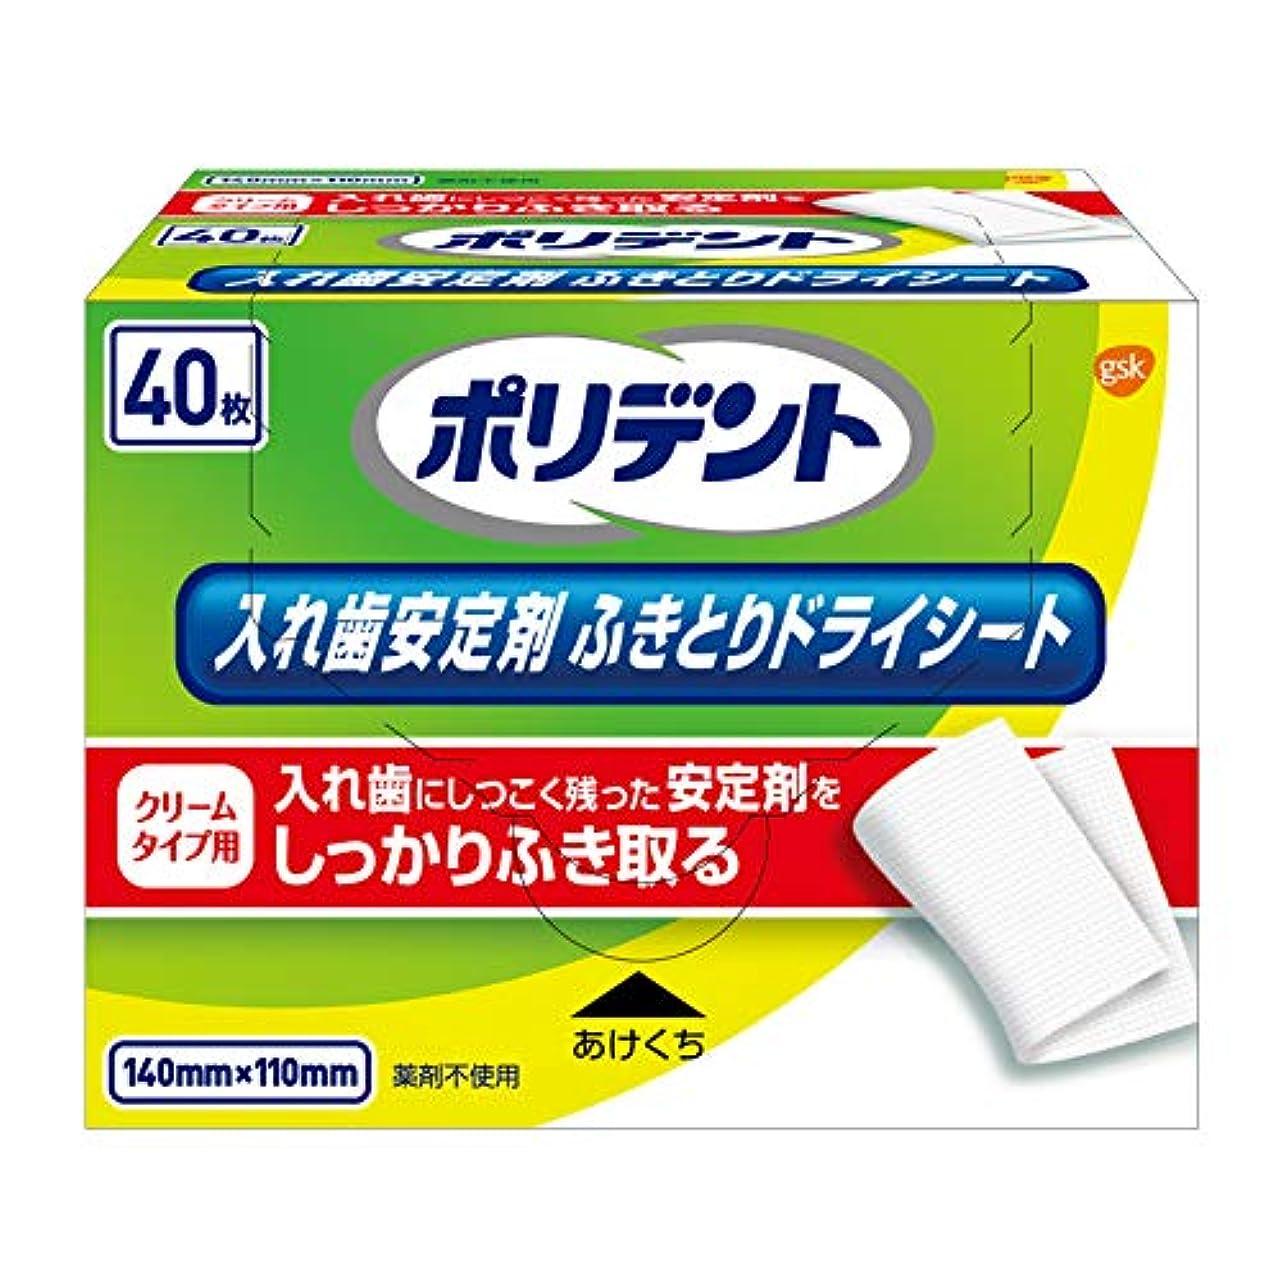 過言配偶者親指ポリデント 入れ歯安定剤ふきとりドライシート 40枚